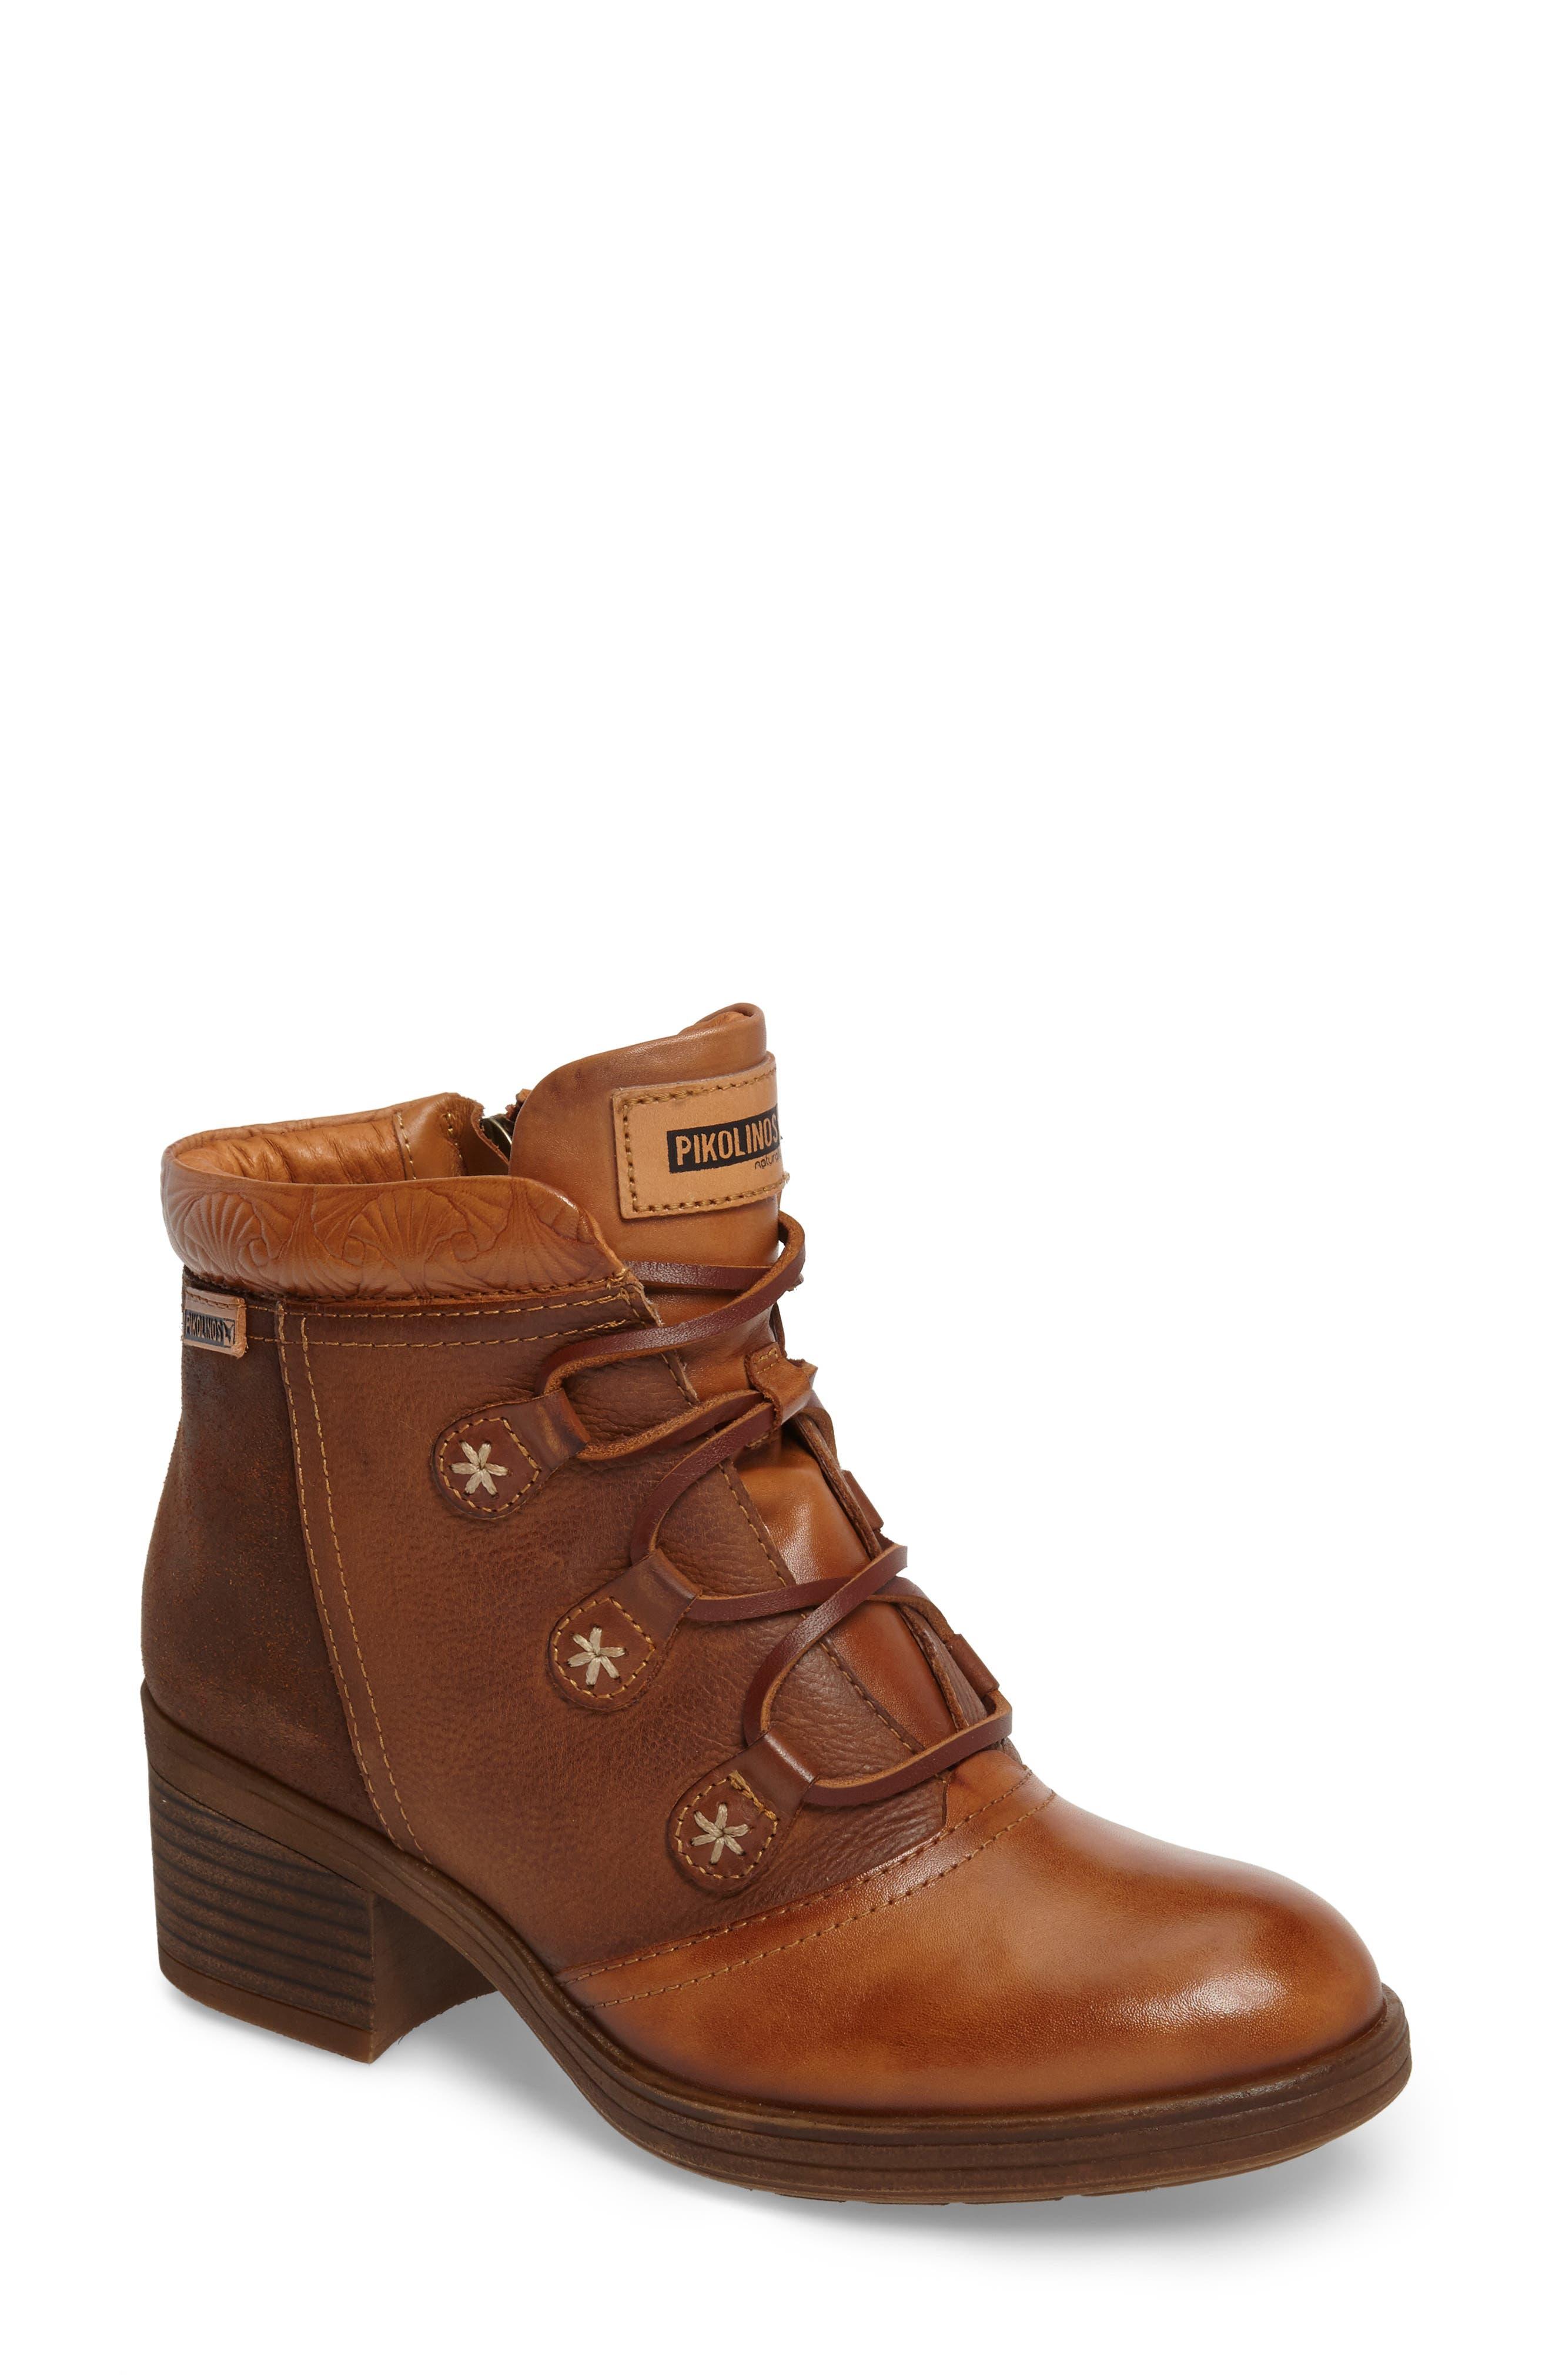 PIKOLINOS Lyon Lace-Up Boot, Main, color, 207